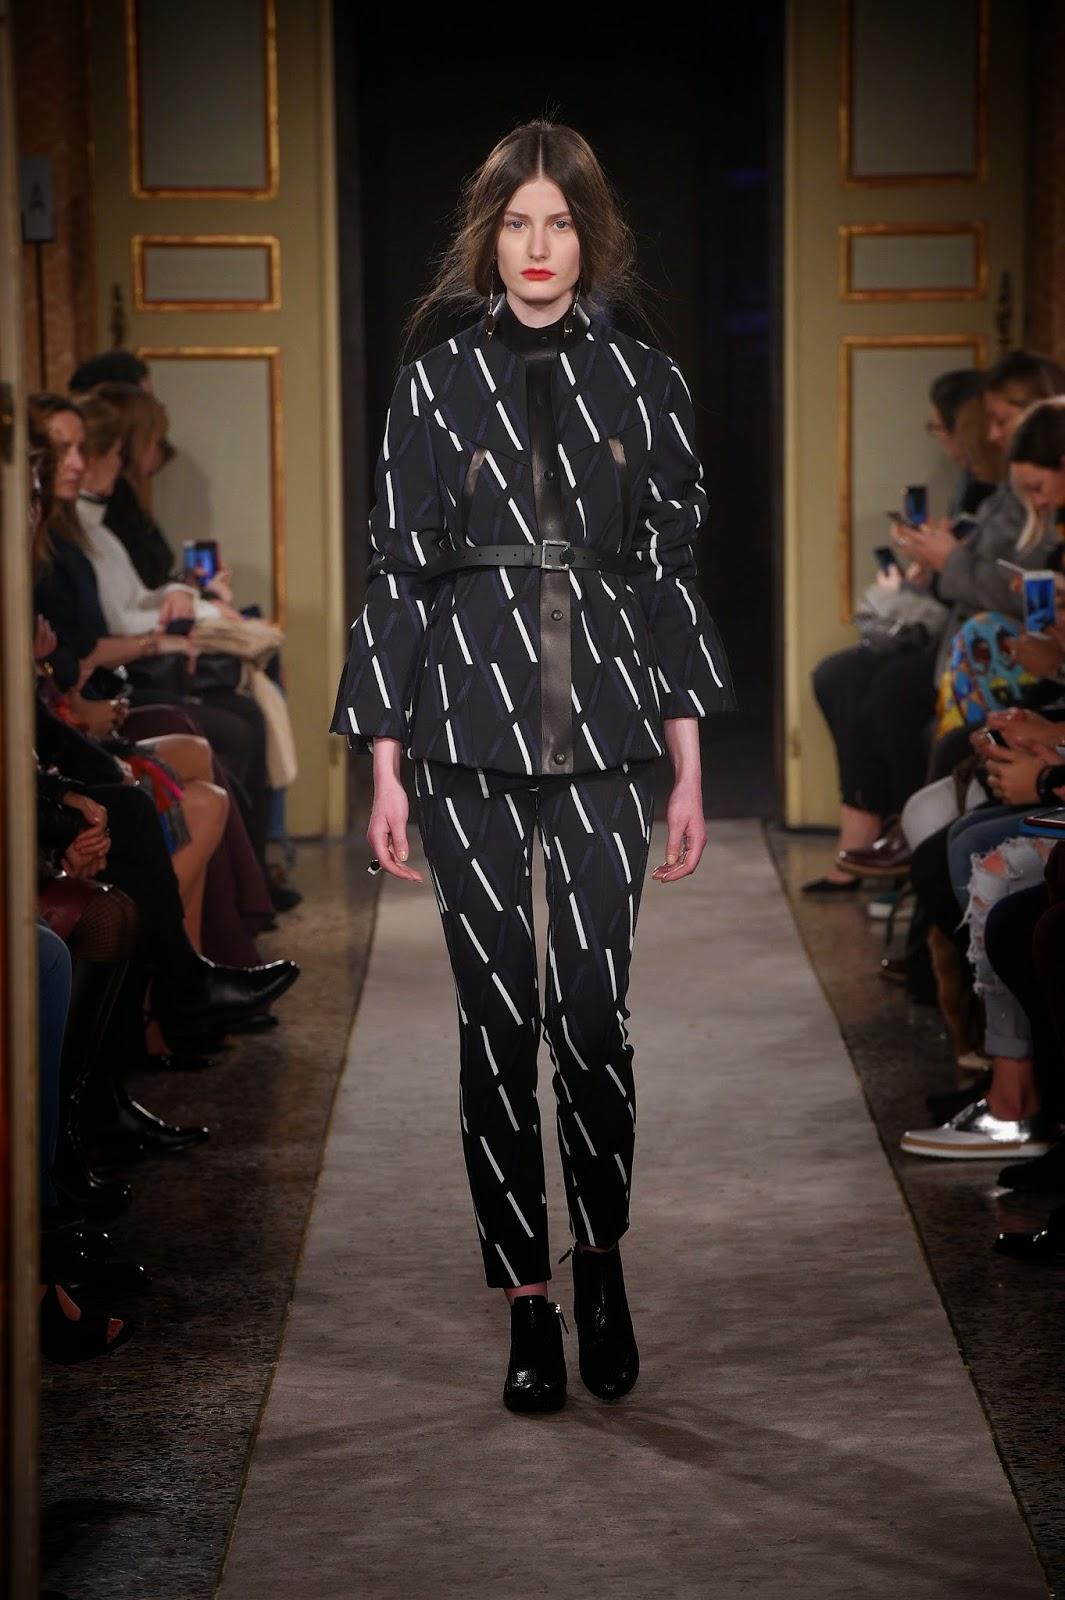 Fashionweek Milano 2015_18